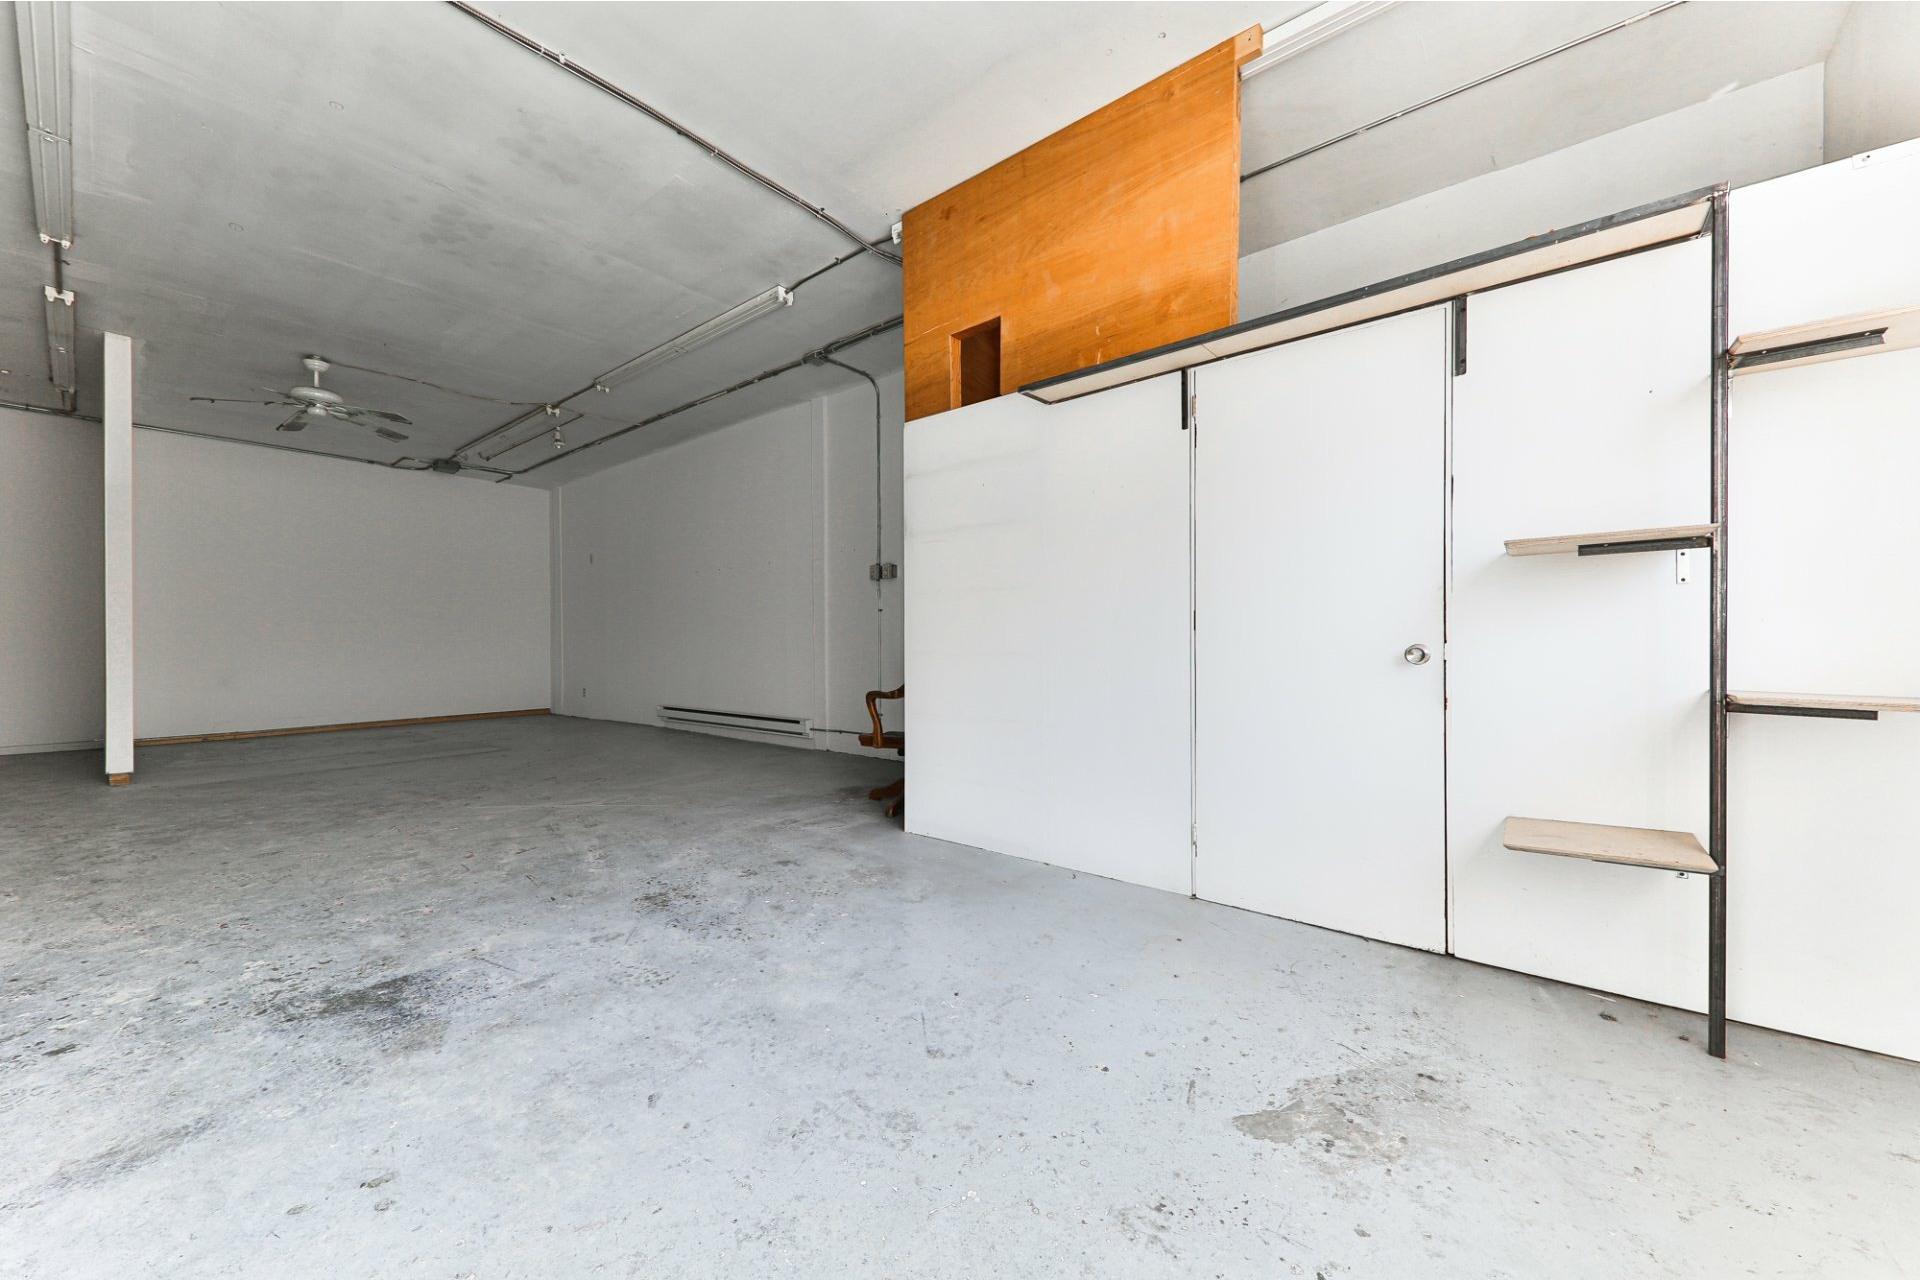 image 11 - Duplex À vendre Rosemont/La Petite-Patrie Montréal